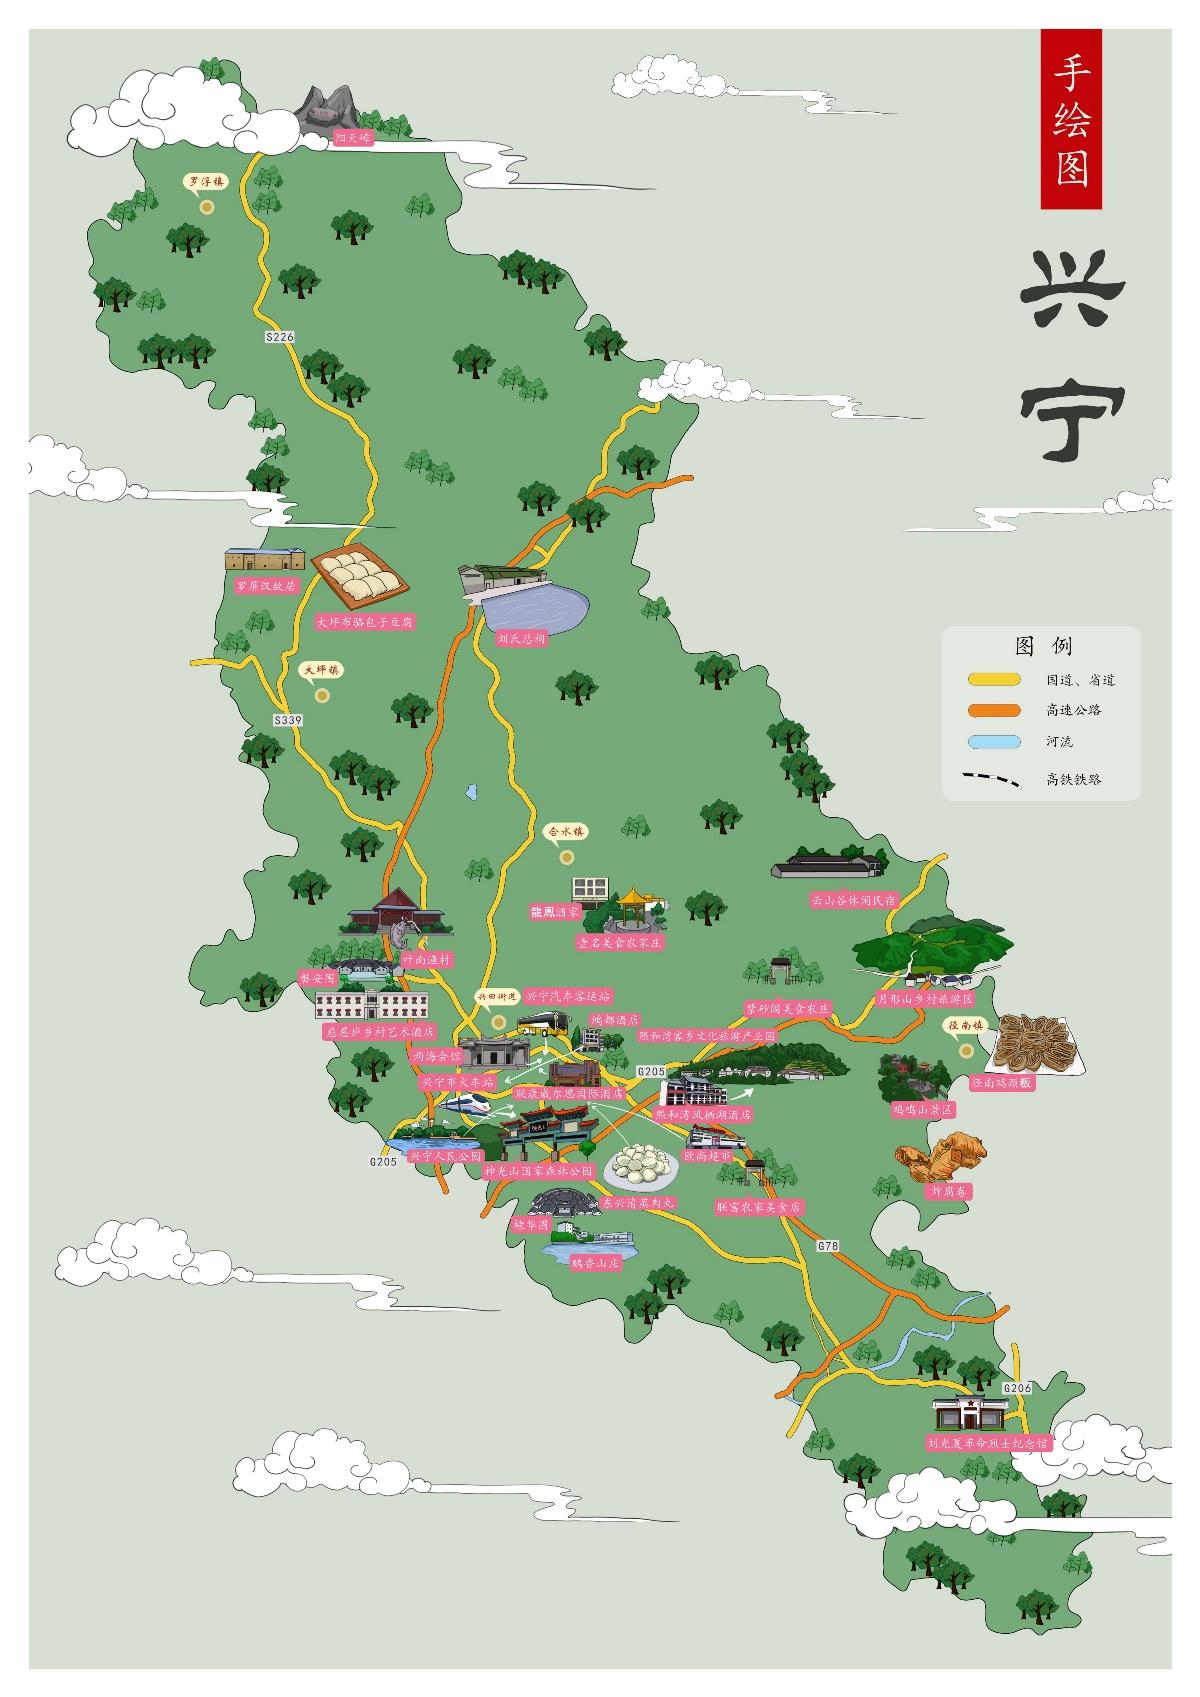 梅州市各区旅游手绘地图